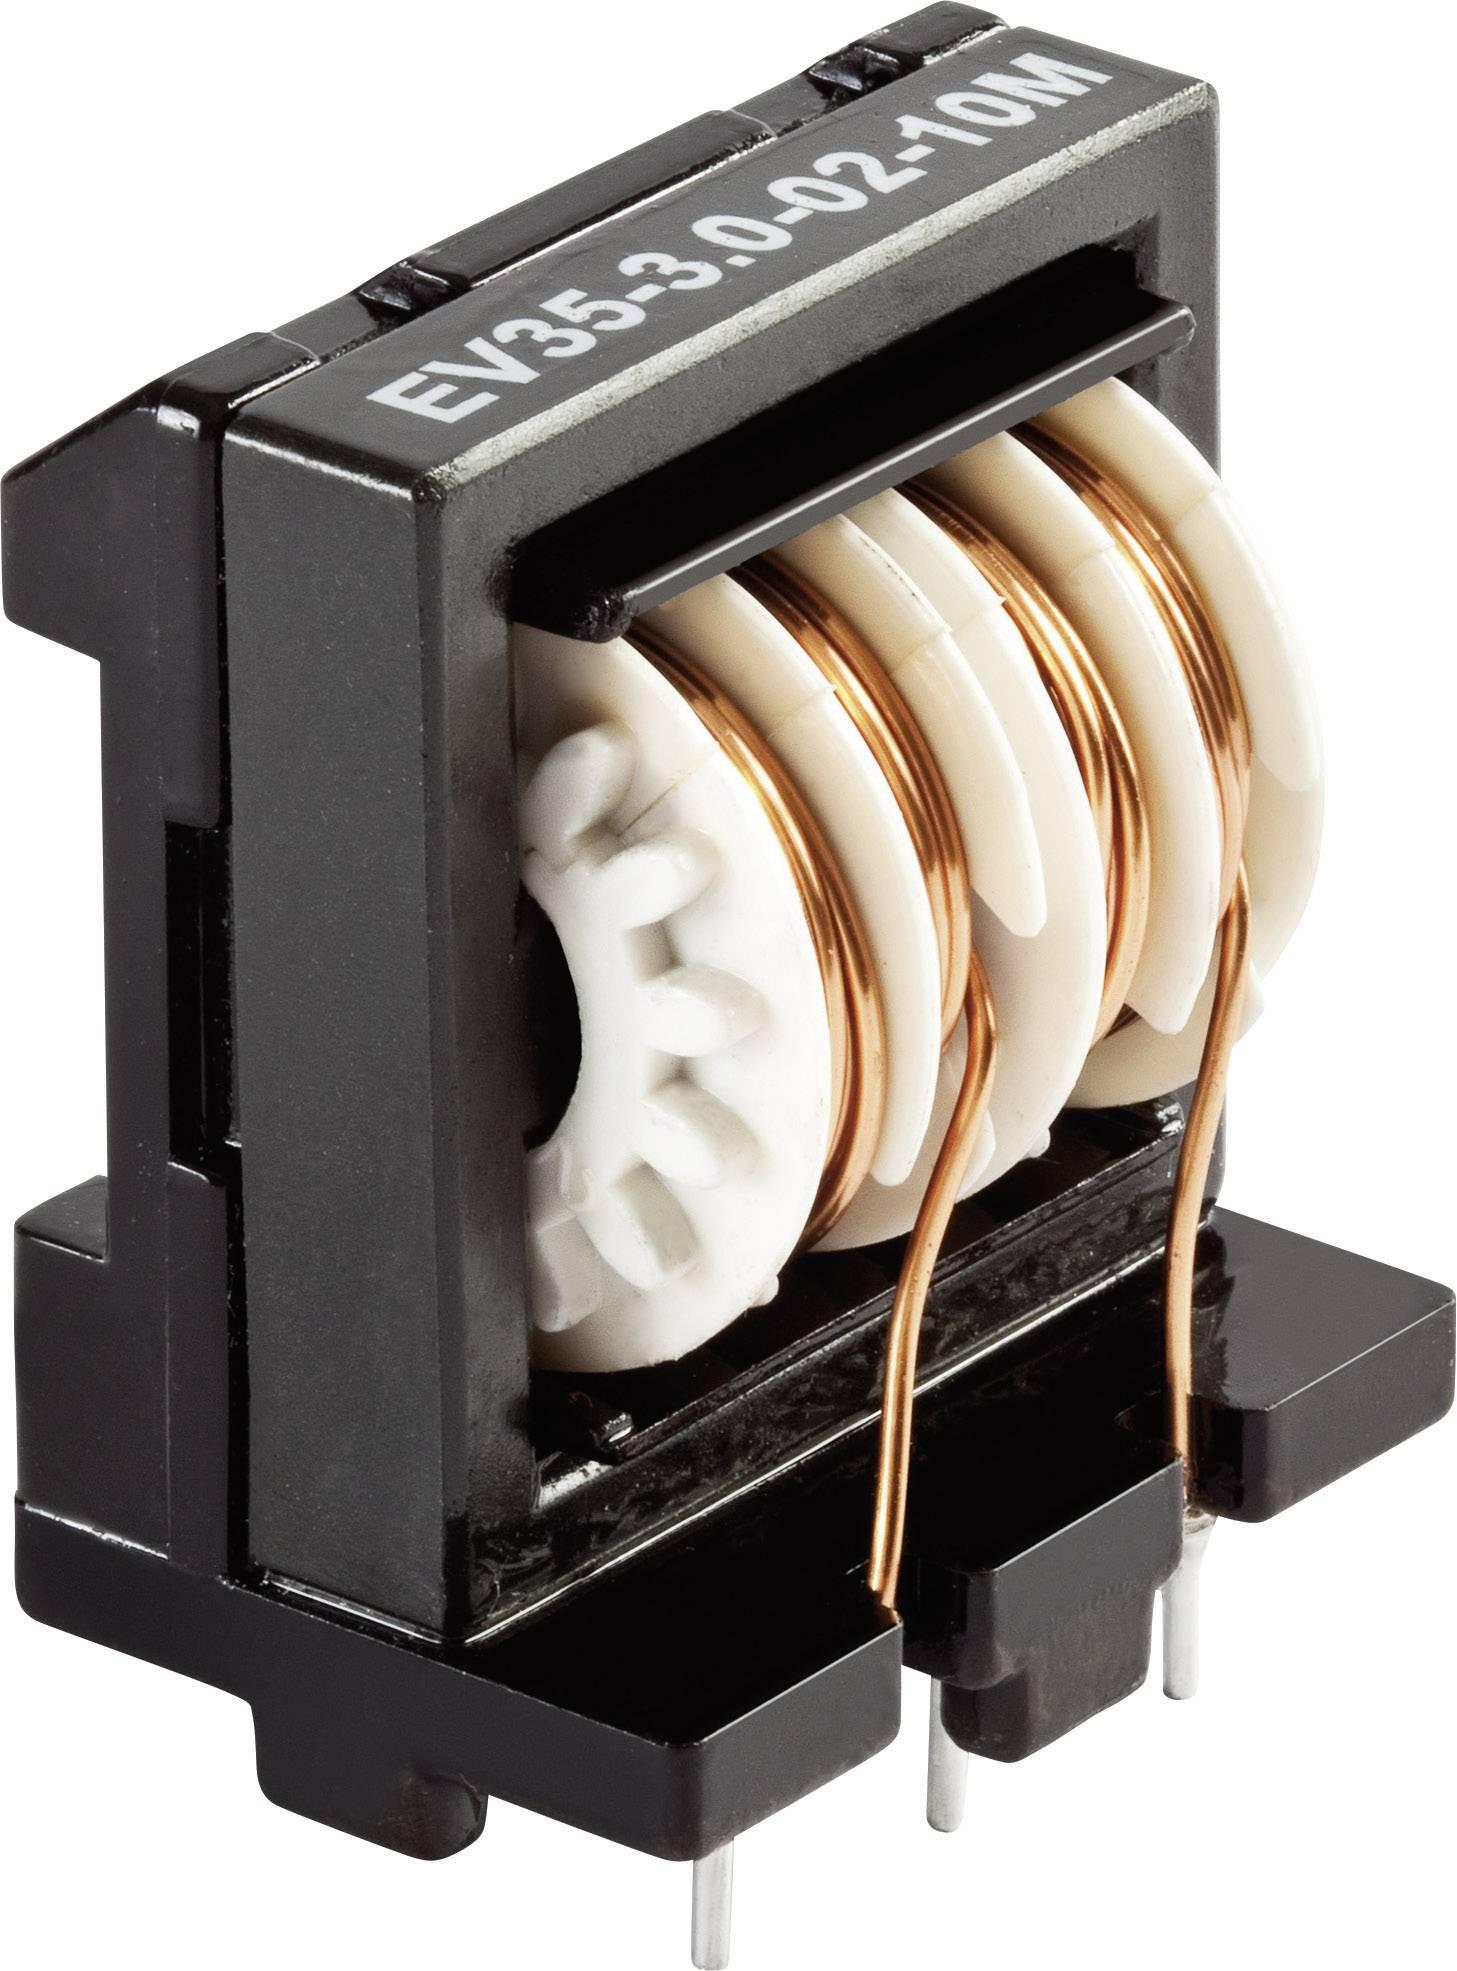 Odrušovací filter Schaffner EV24-0,5-02-44M EV24-0,5-02-44M, 250 V/AC, 0.5 A, 44 mH, (d x š x v) 24.6 x 17.4 x 29.1 mm, 1 ks